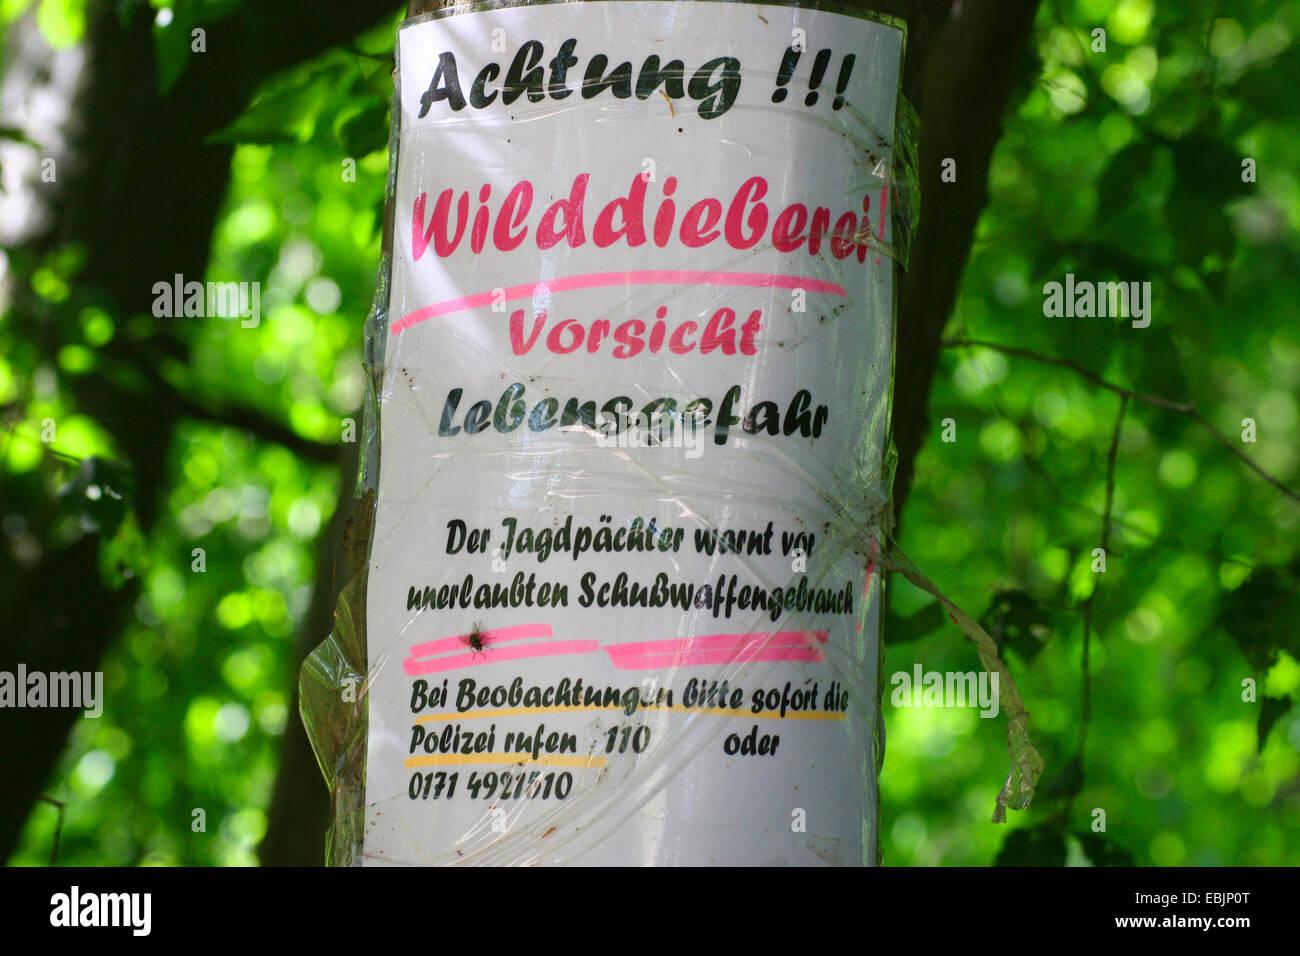 Segno di un albero in guardia contro i pericoli del bracconaggio nella zona, Germania Immagini Stock